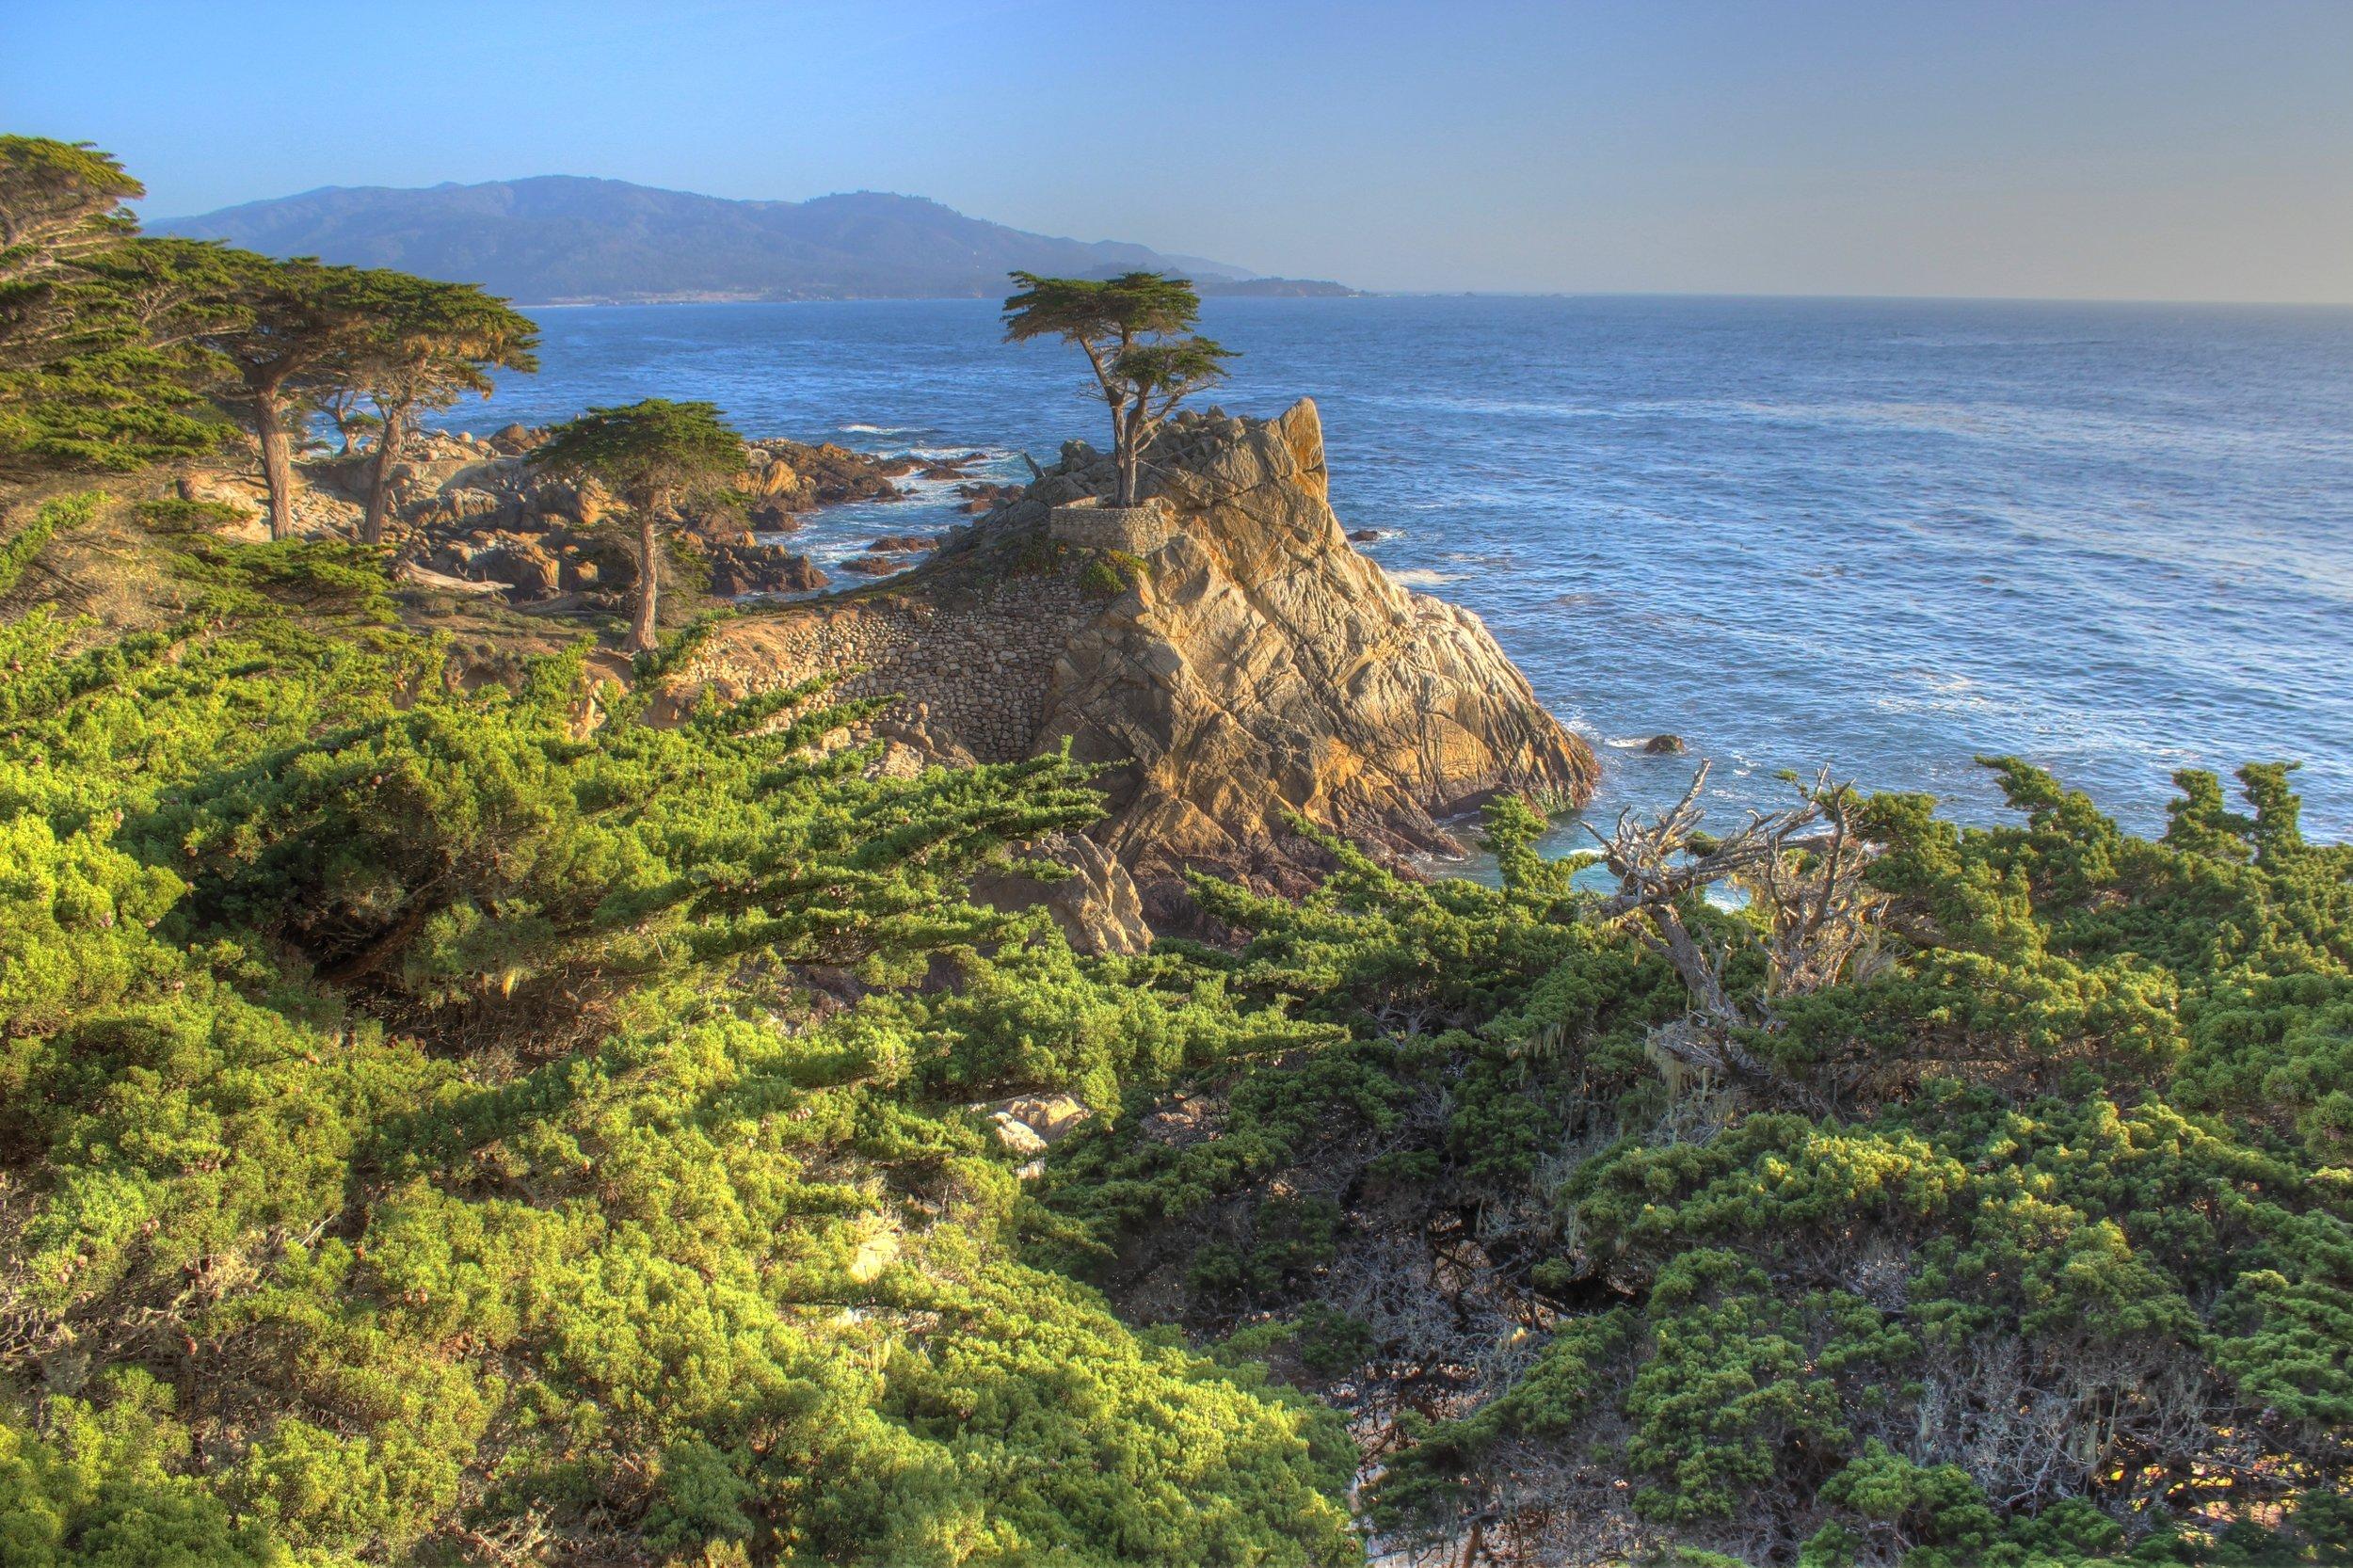 Del Monte Forest, Pebble Beach, Monterey Co. CA